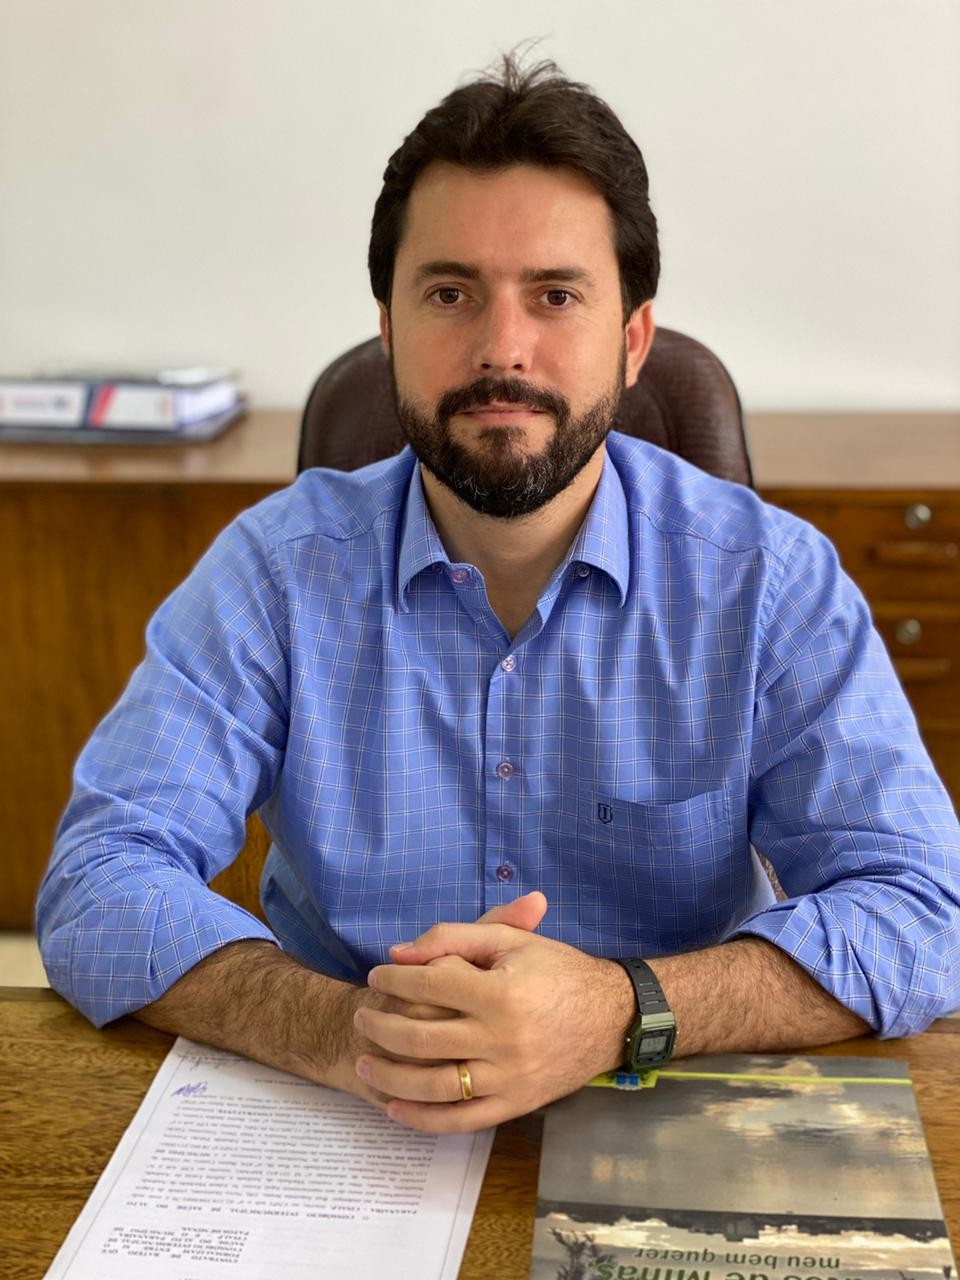 'Quero poder resgatar o amor dos patenses pela nossa cidade', afirma Luís Eduardo Falcão, prefeito de Patos de Minas